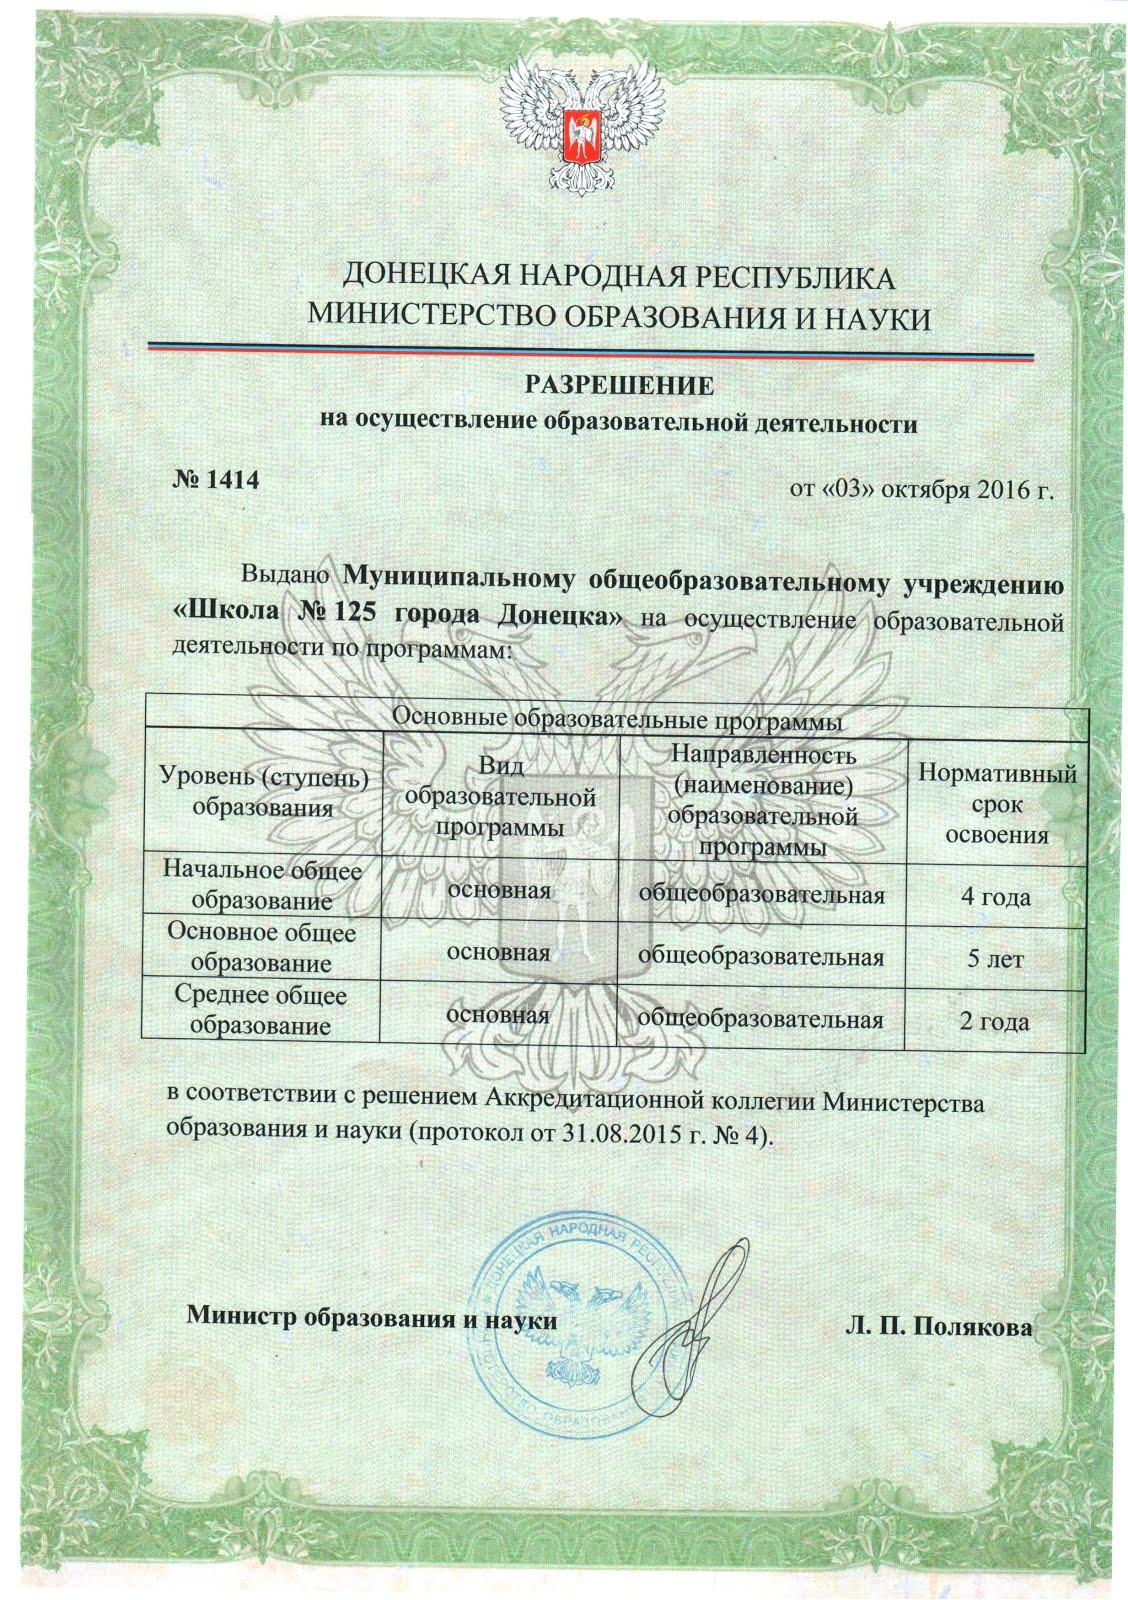 Разрешение на осуществление образовательной деятельности